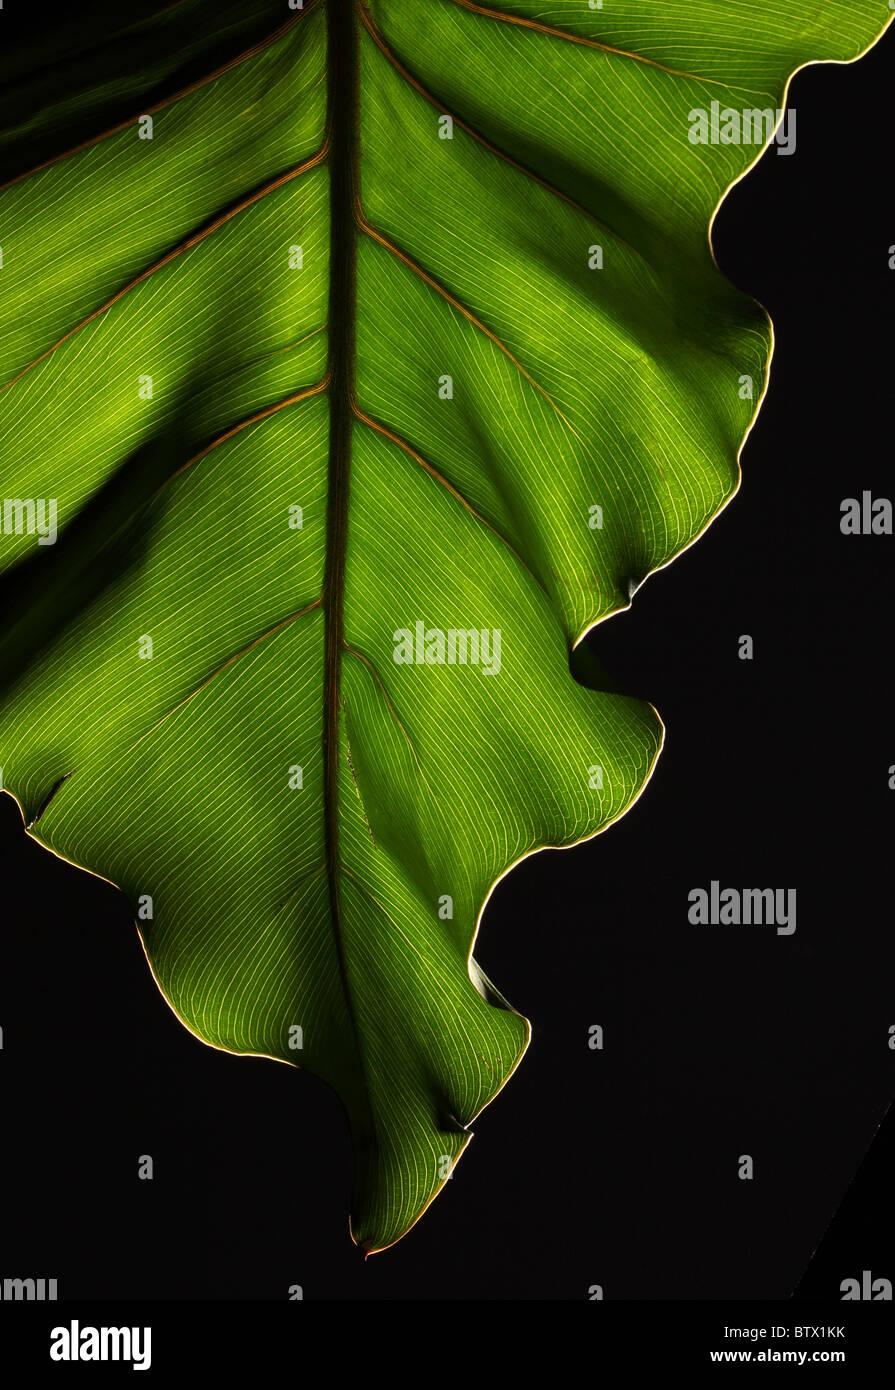 Des feuilles des plantes vertes avec une structure forte sur un fond noir Photo Stock